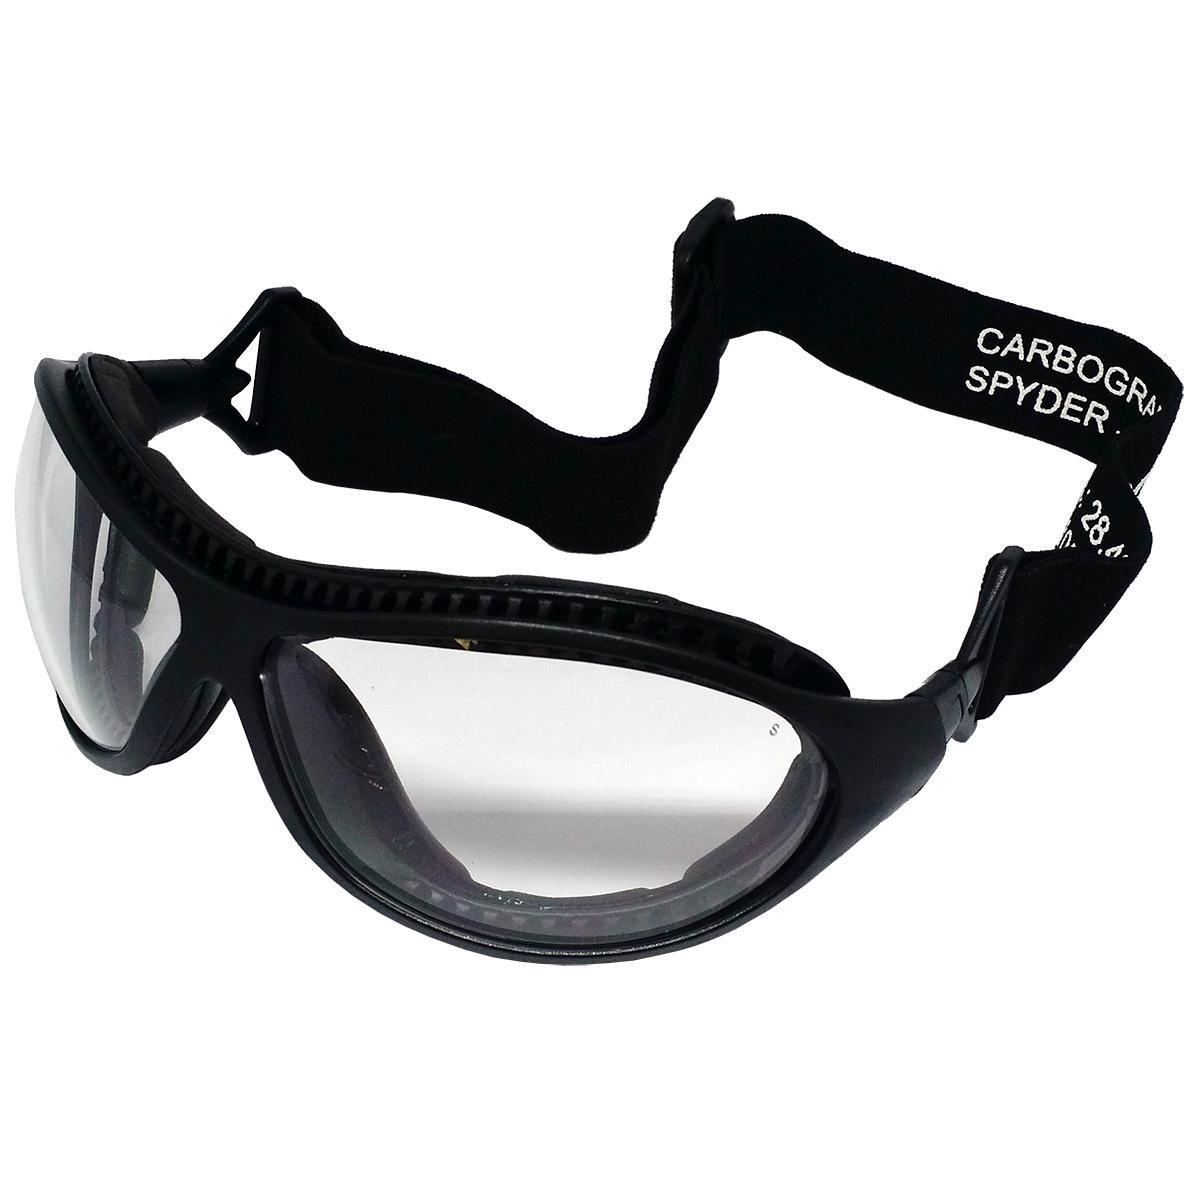 Óculos De Proteção Spyder Carbografite Incolor - R  67,90 em Mercado ... 19c0337a34